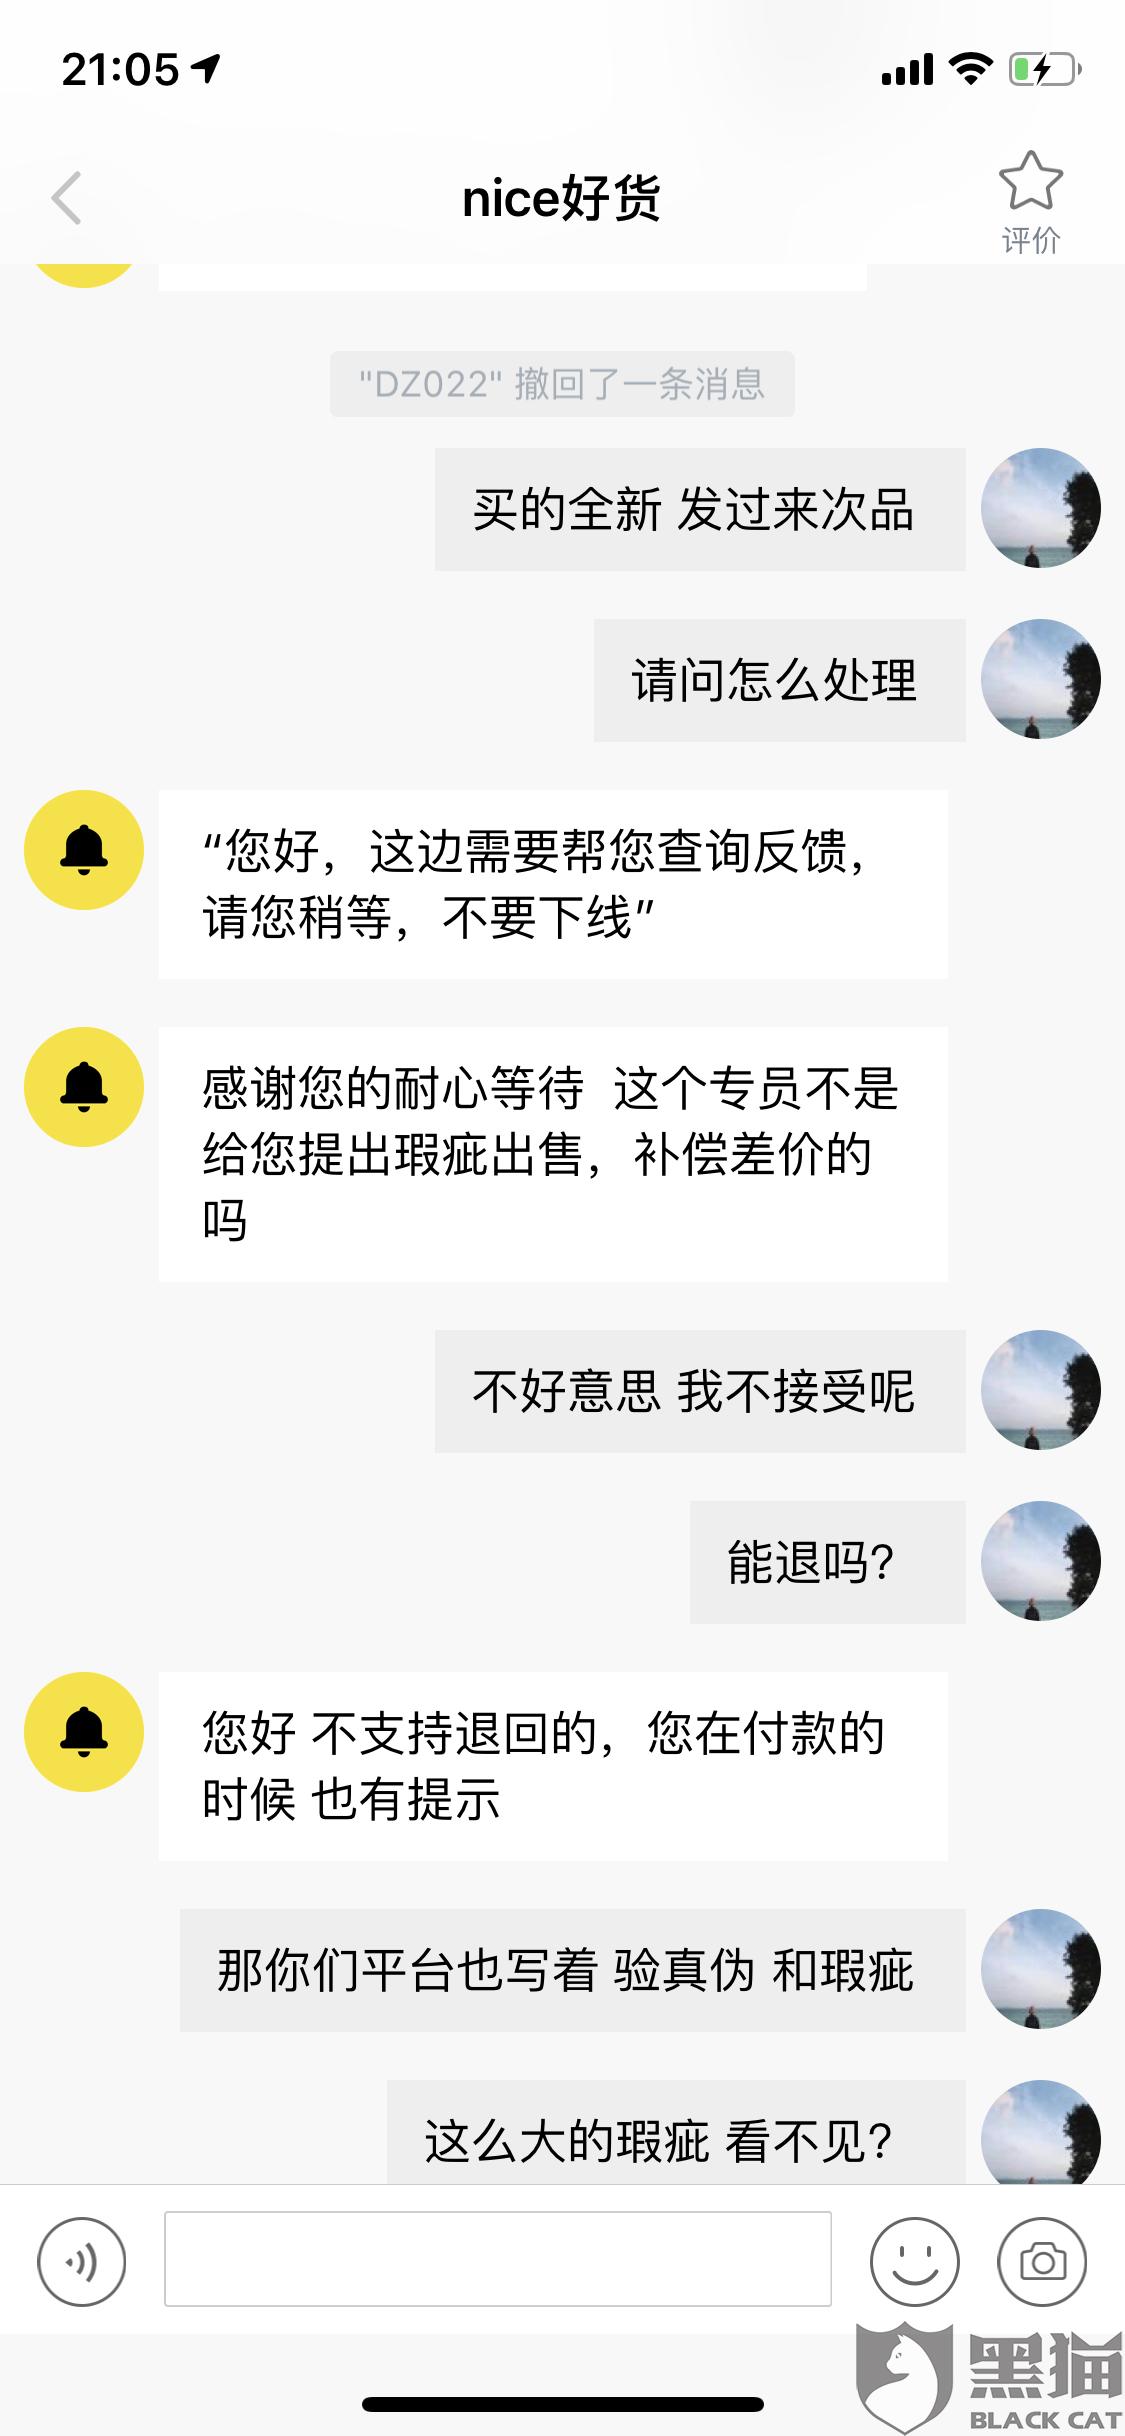 黑猫投诉:北京极赞科技有限公司 虚假发货 拒绝退款 以次充好 发